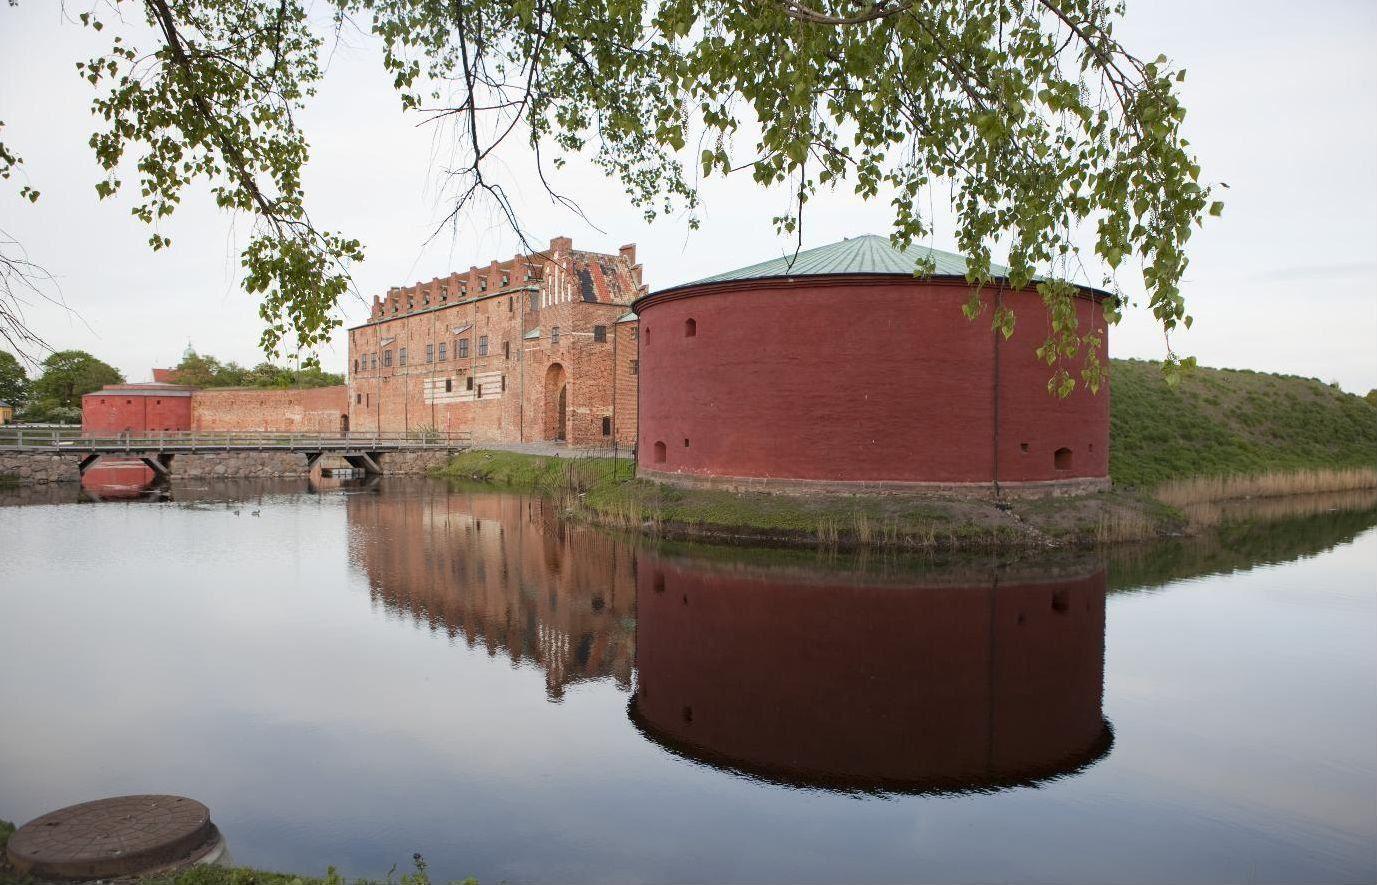 Foto: © Johanna Rylander/Malmö Museer, Malmö Museer